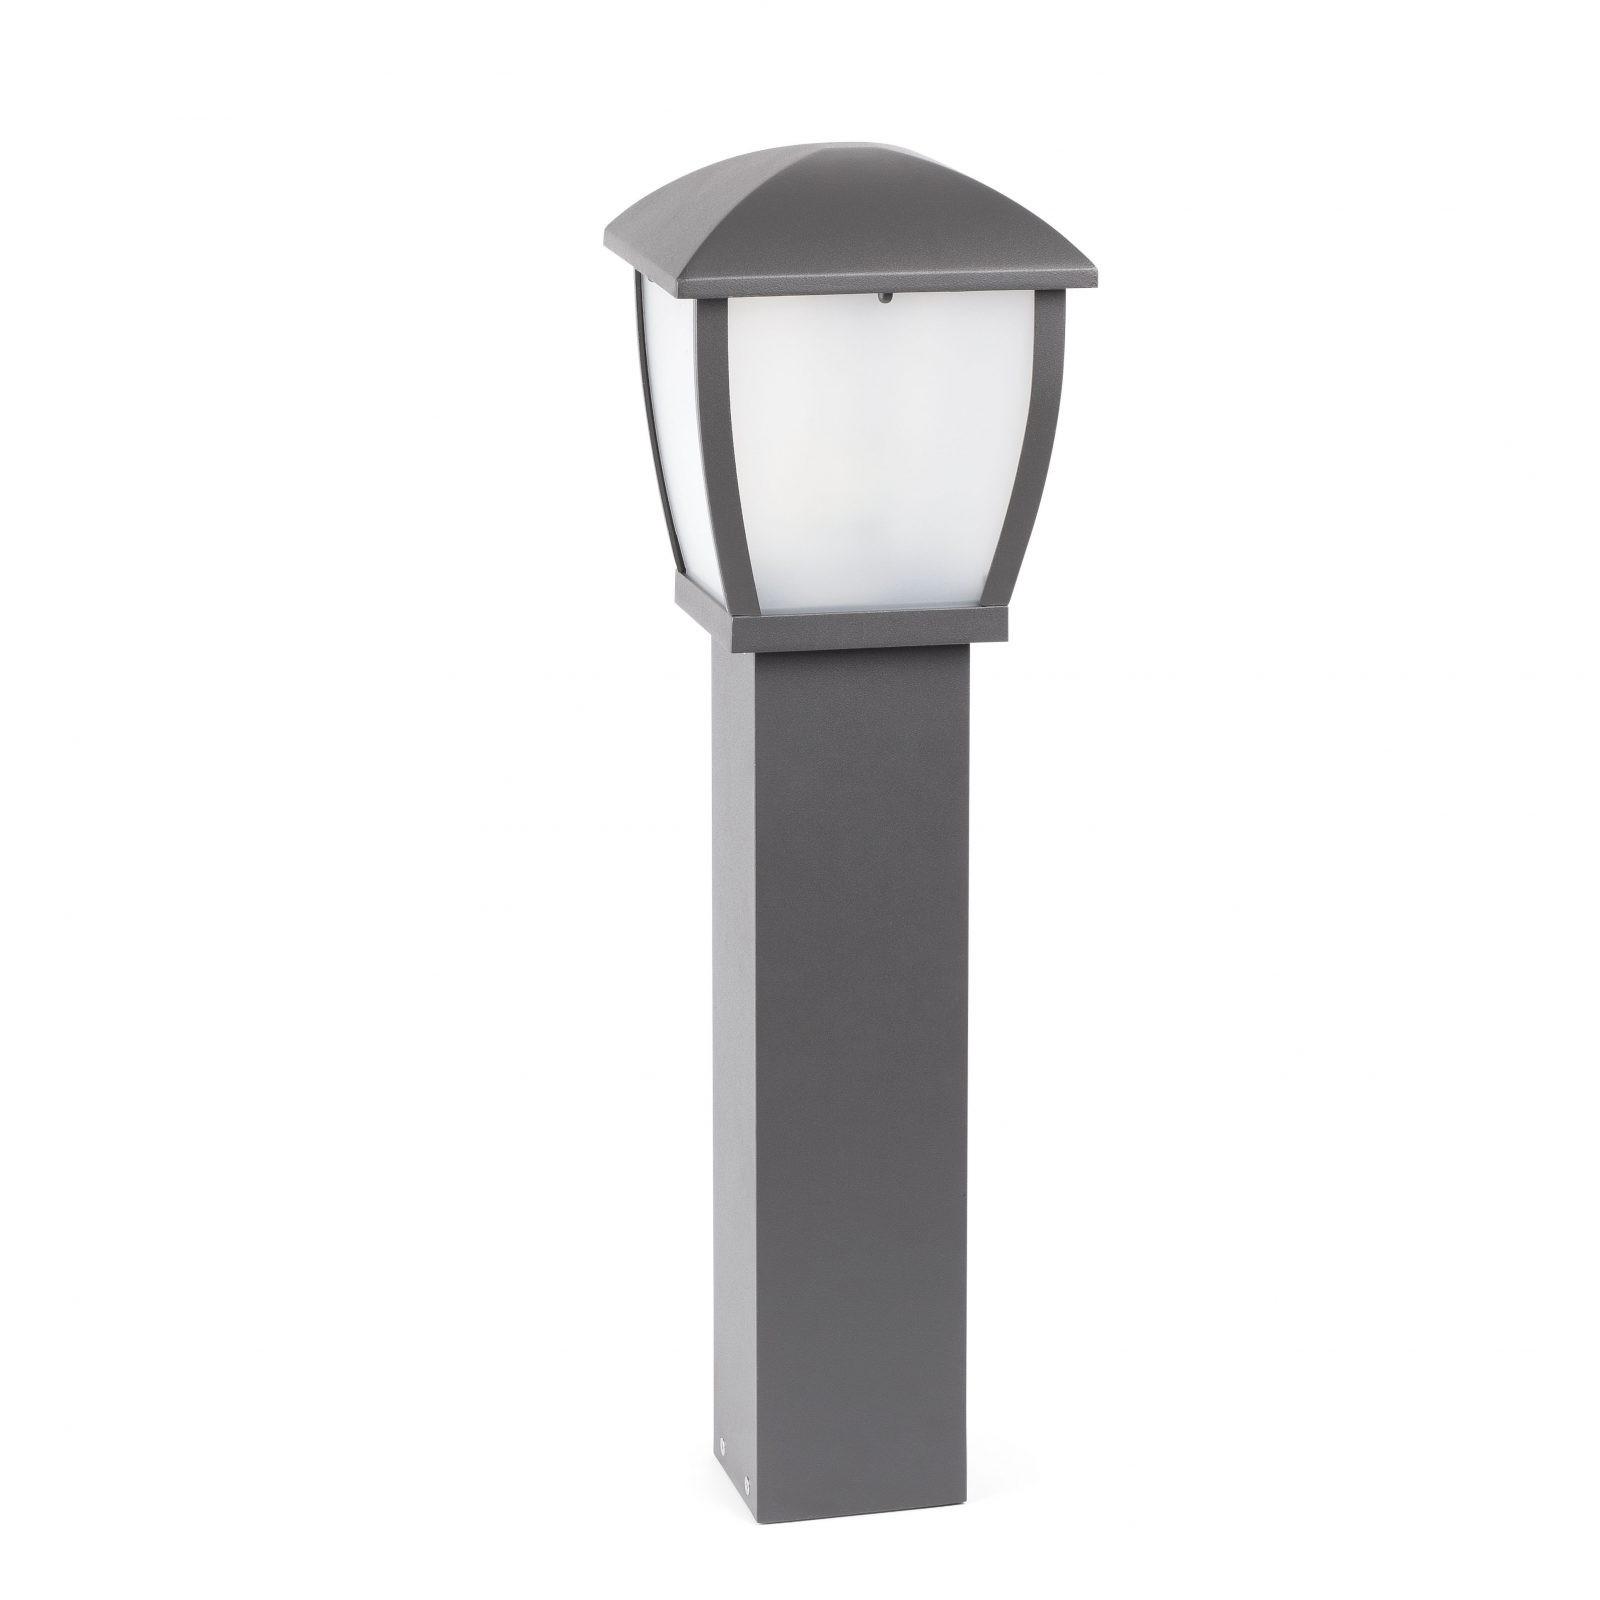 Faro MINI WILMA фонарь тёмно-серый 1хE27 11W